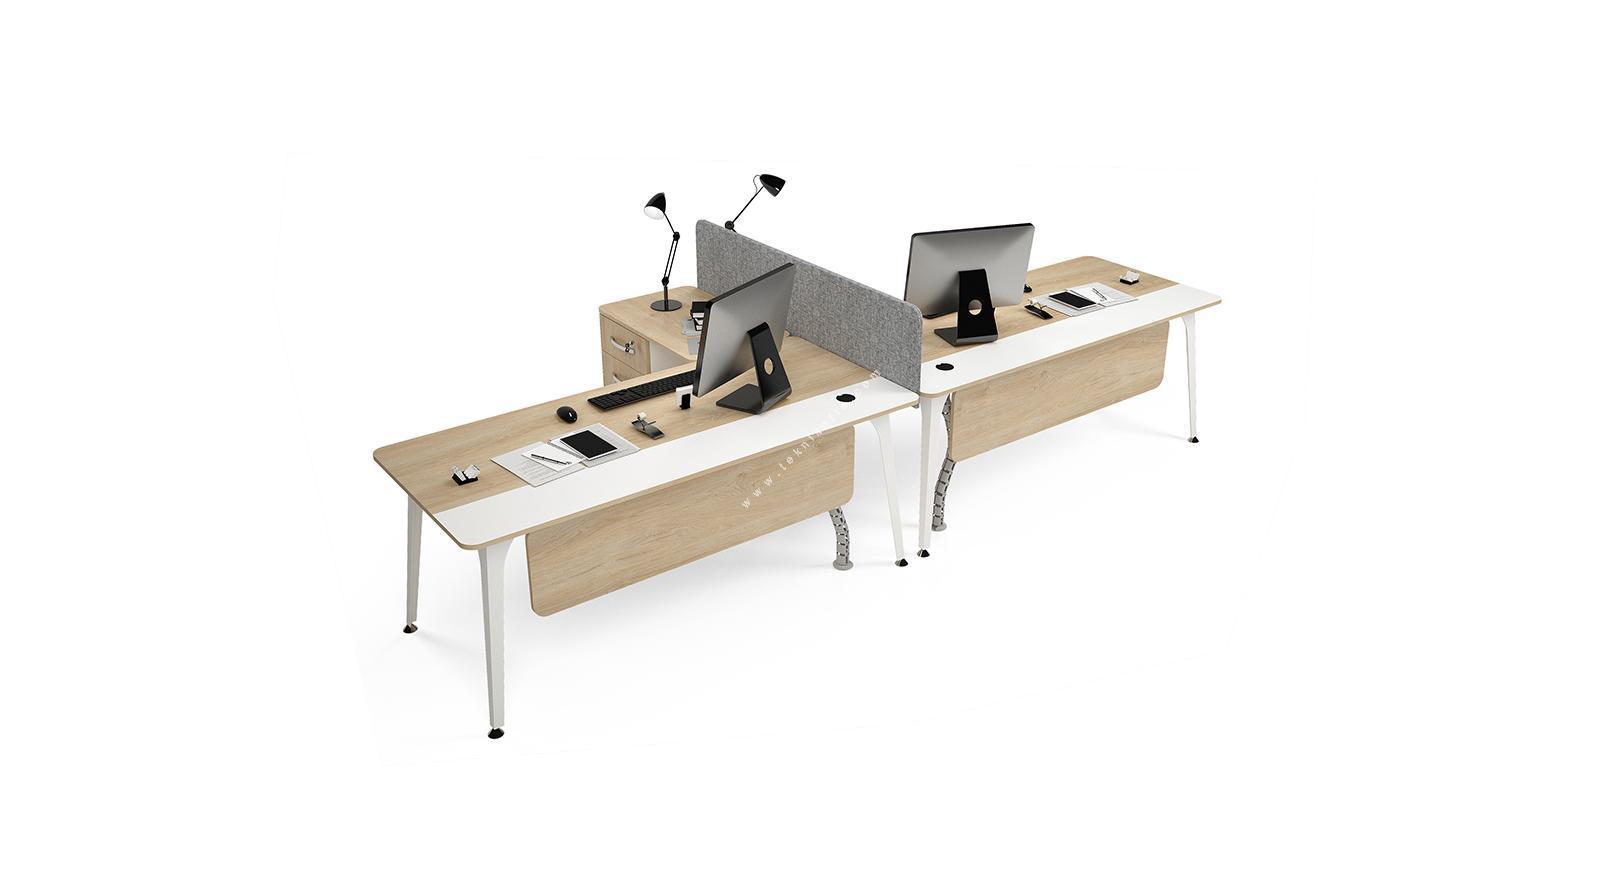 centrawork kumaş seperatörlü ikili çalışma masası 322cm